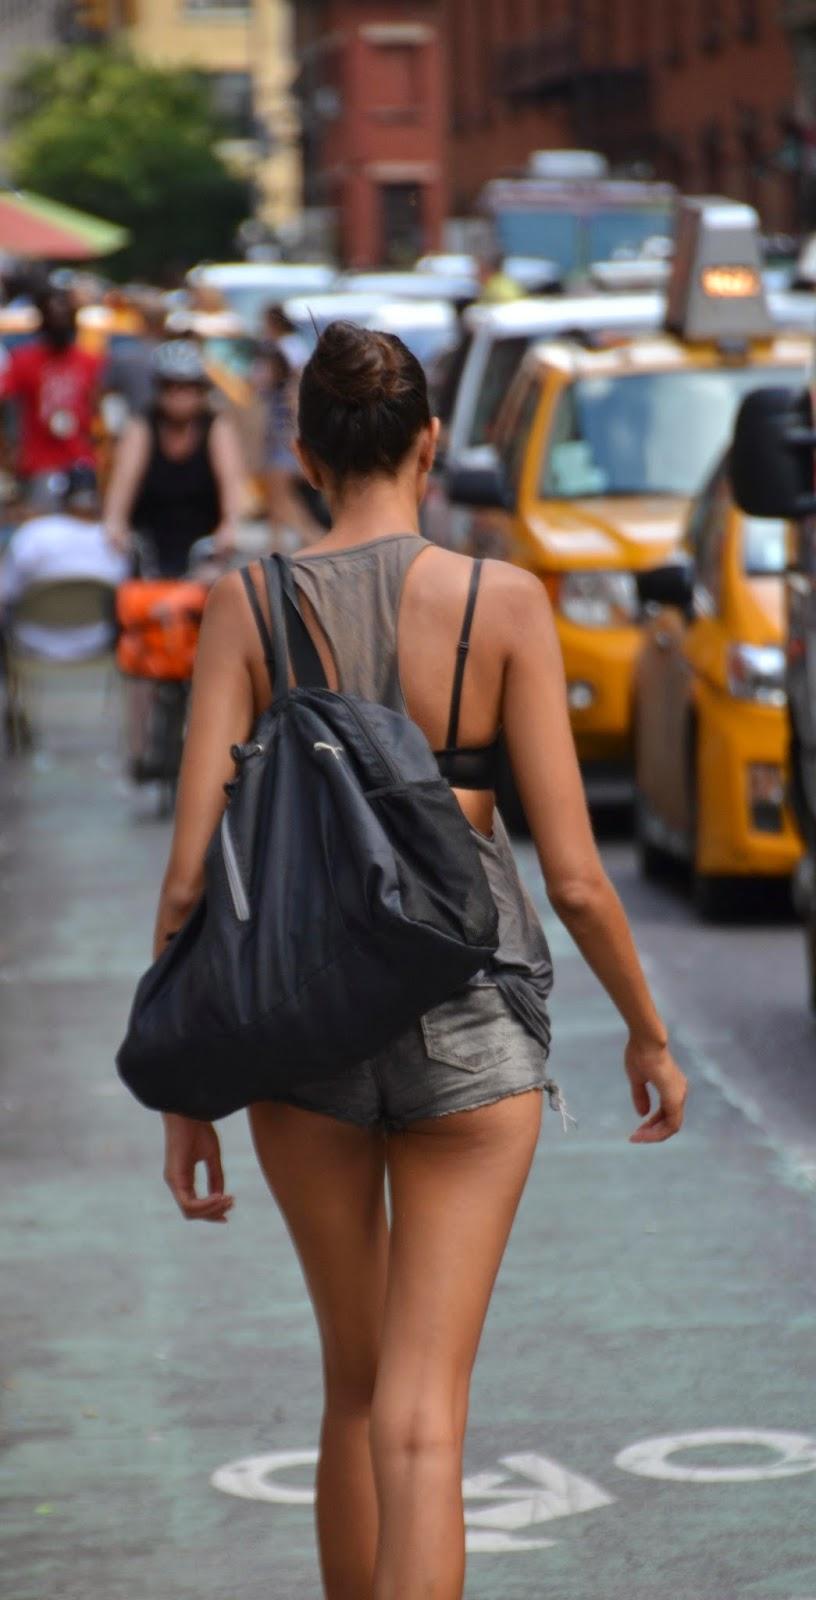 monday morningass hanging out of shorts | fashionhe | bloglovin'